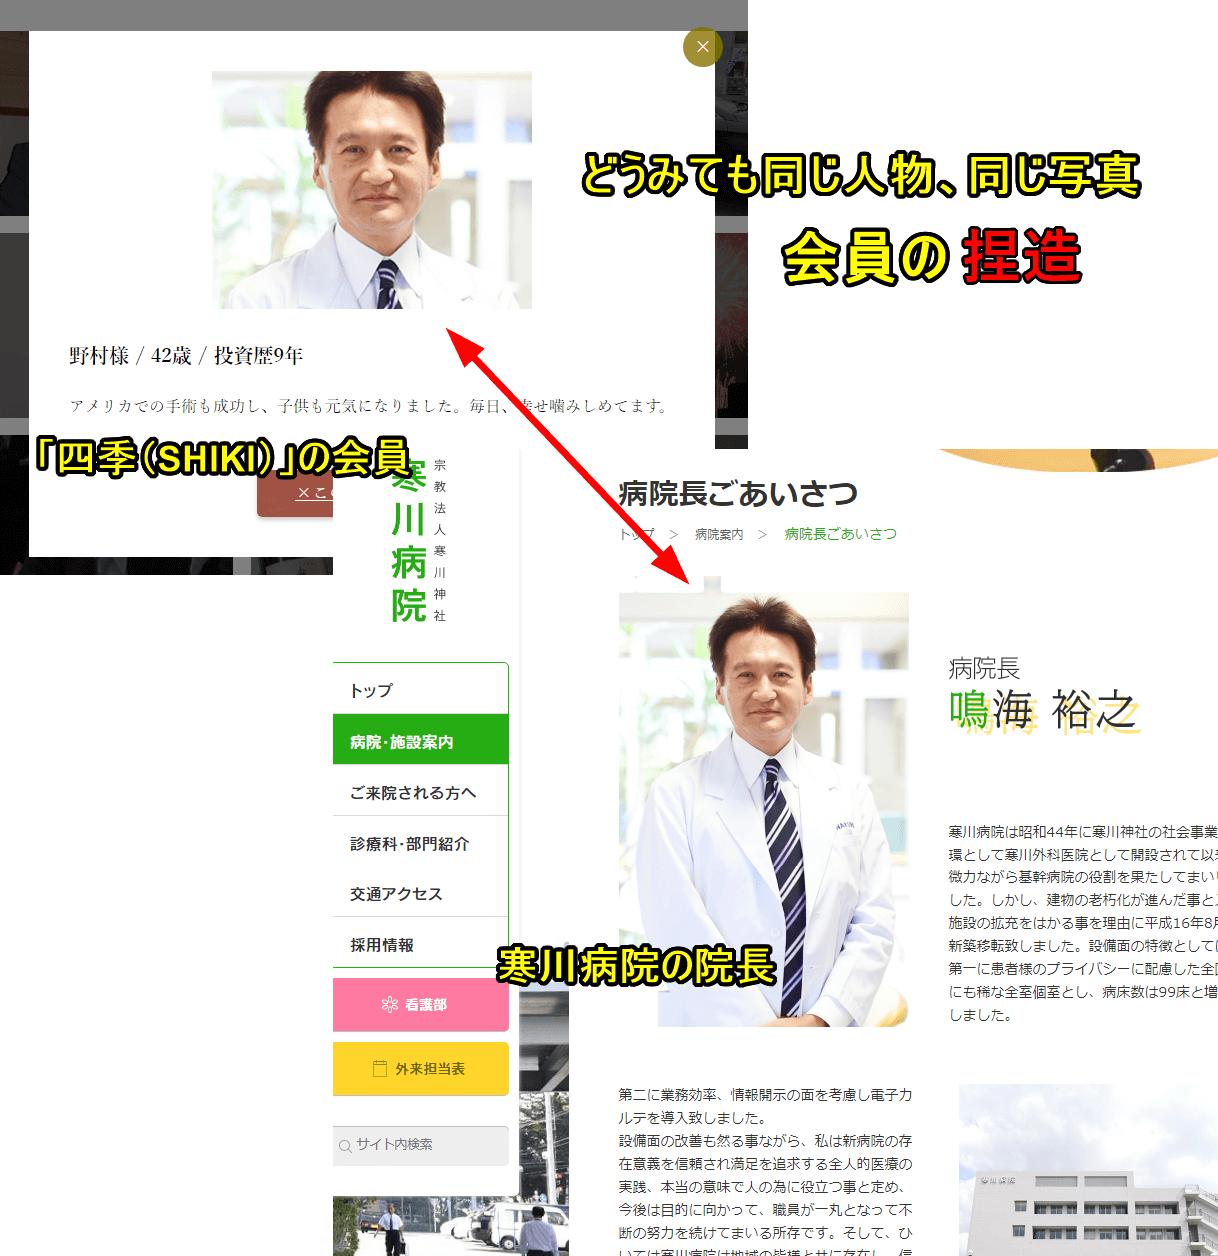 投資顧問 四季の会員画像ととある病院のHPに掲載された画像の比較